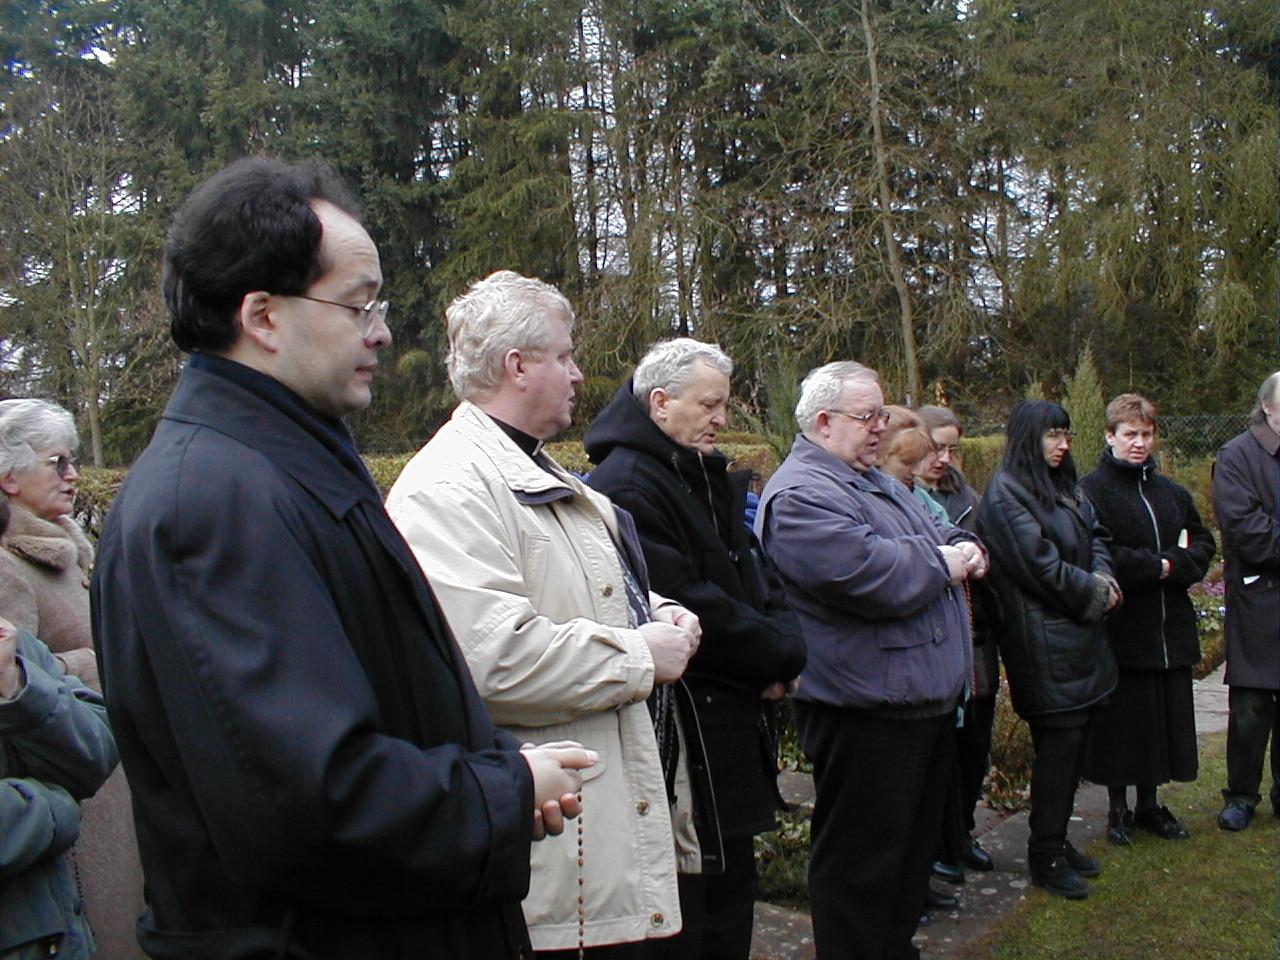 28 marca 2000 r., Komisja Kościelna na cmentarzu. Modlitwa przed rozpoczęciem prac ekshumacyjnych